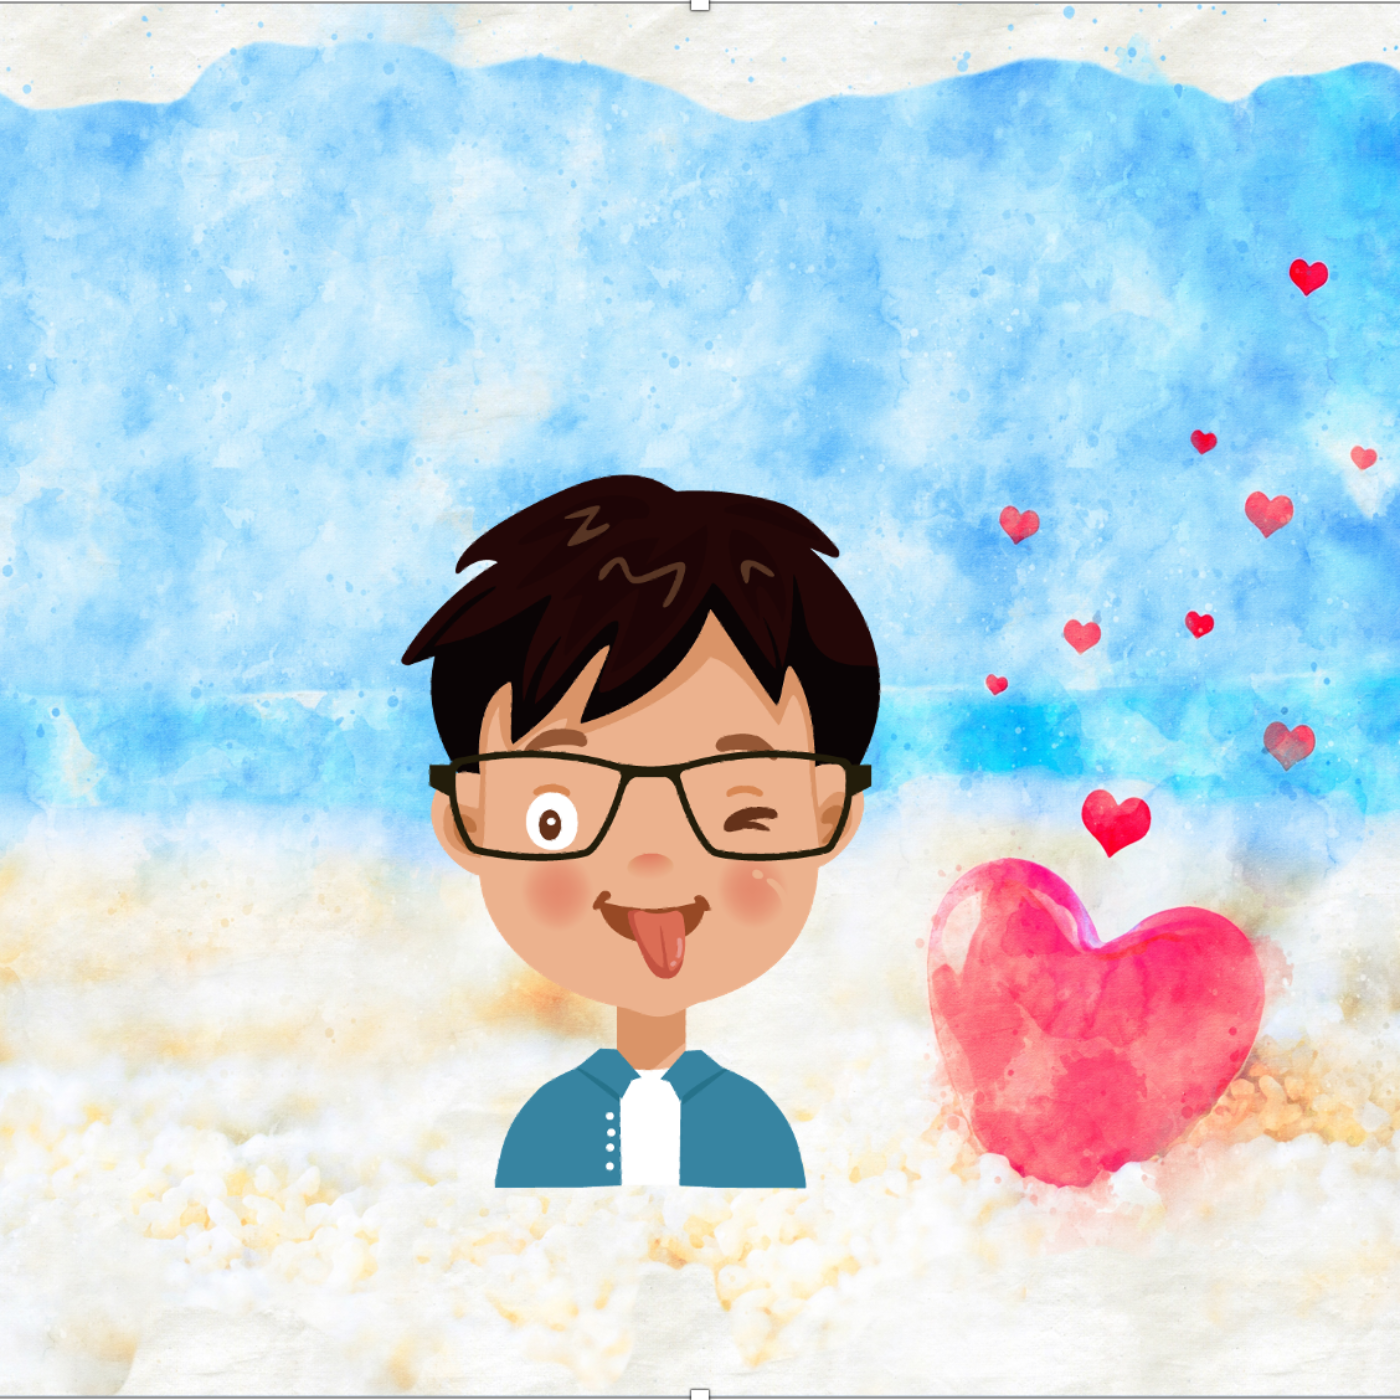 #5|愛唱歌、玩桌遊的小社工!獻唱一首「愛與希望」~feat.阿光